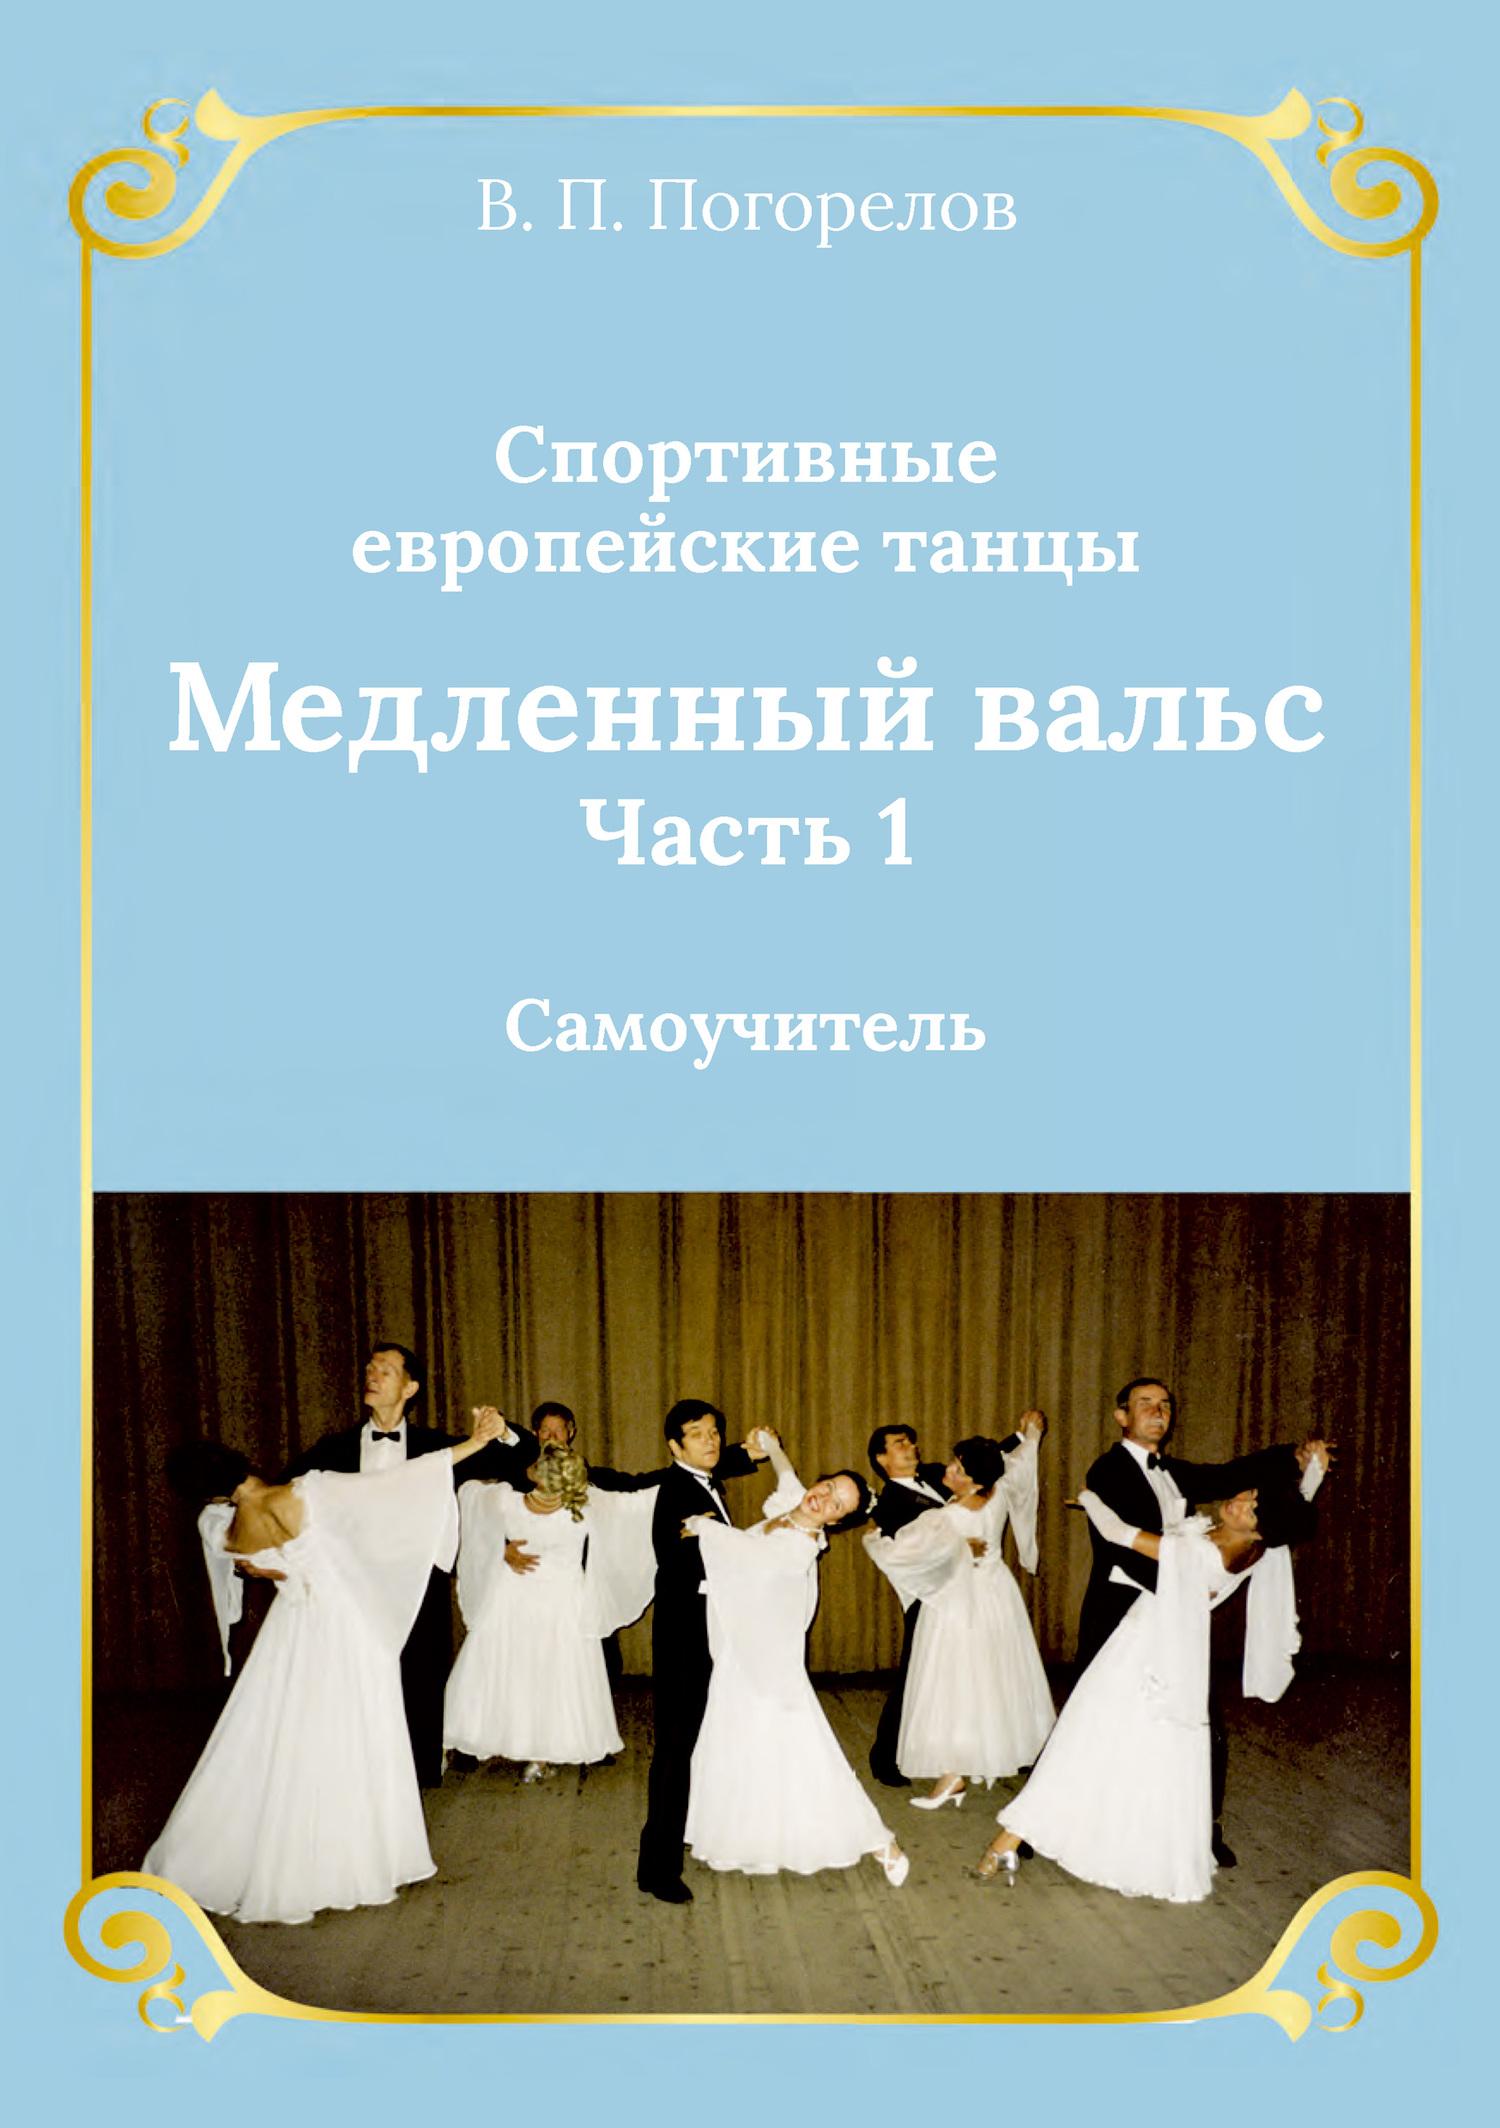 Владимир Погорелов Спортивные европейские бальные танцы. Медленный вальс. Самоучитель. Часть 1